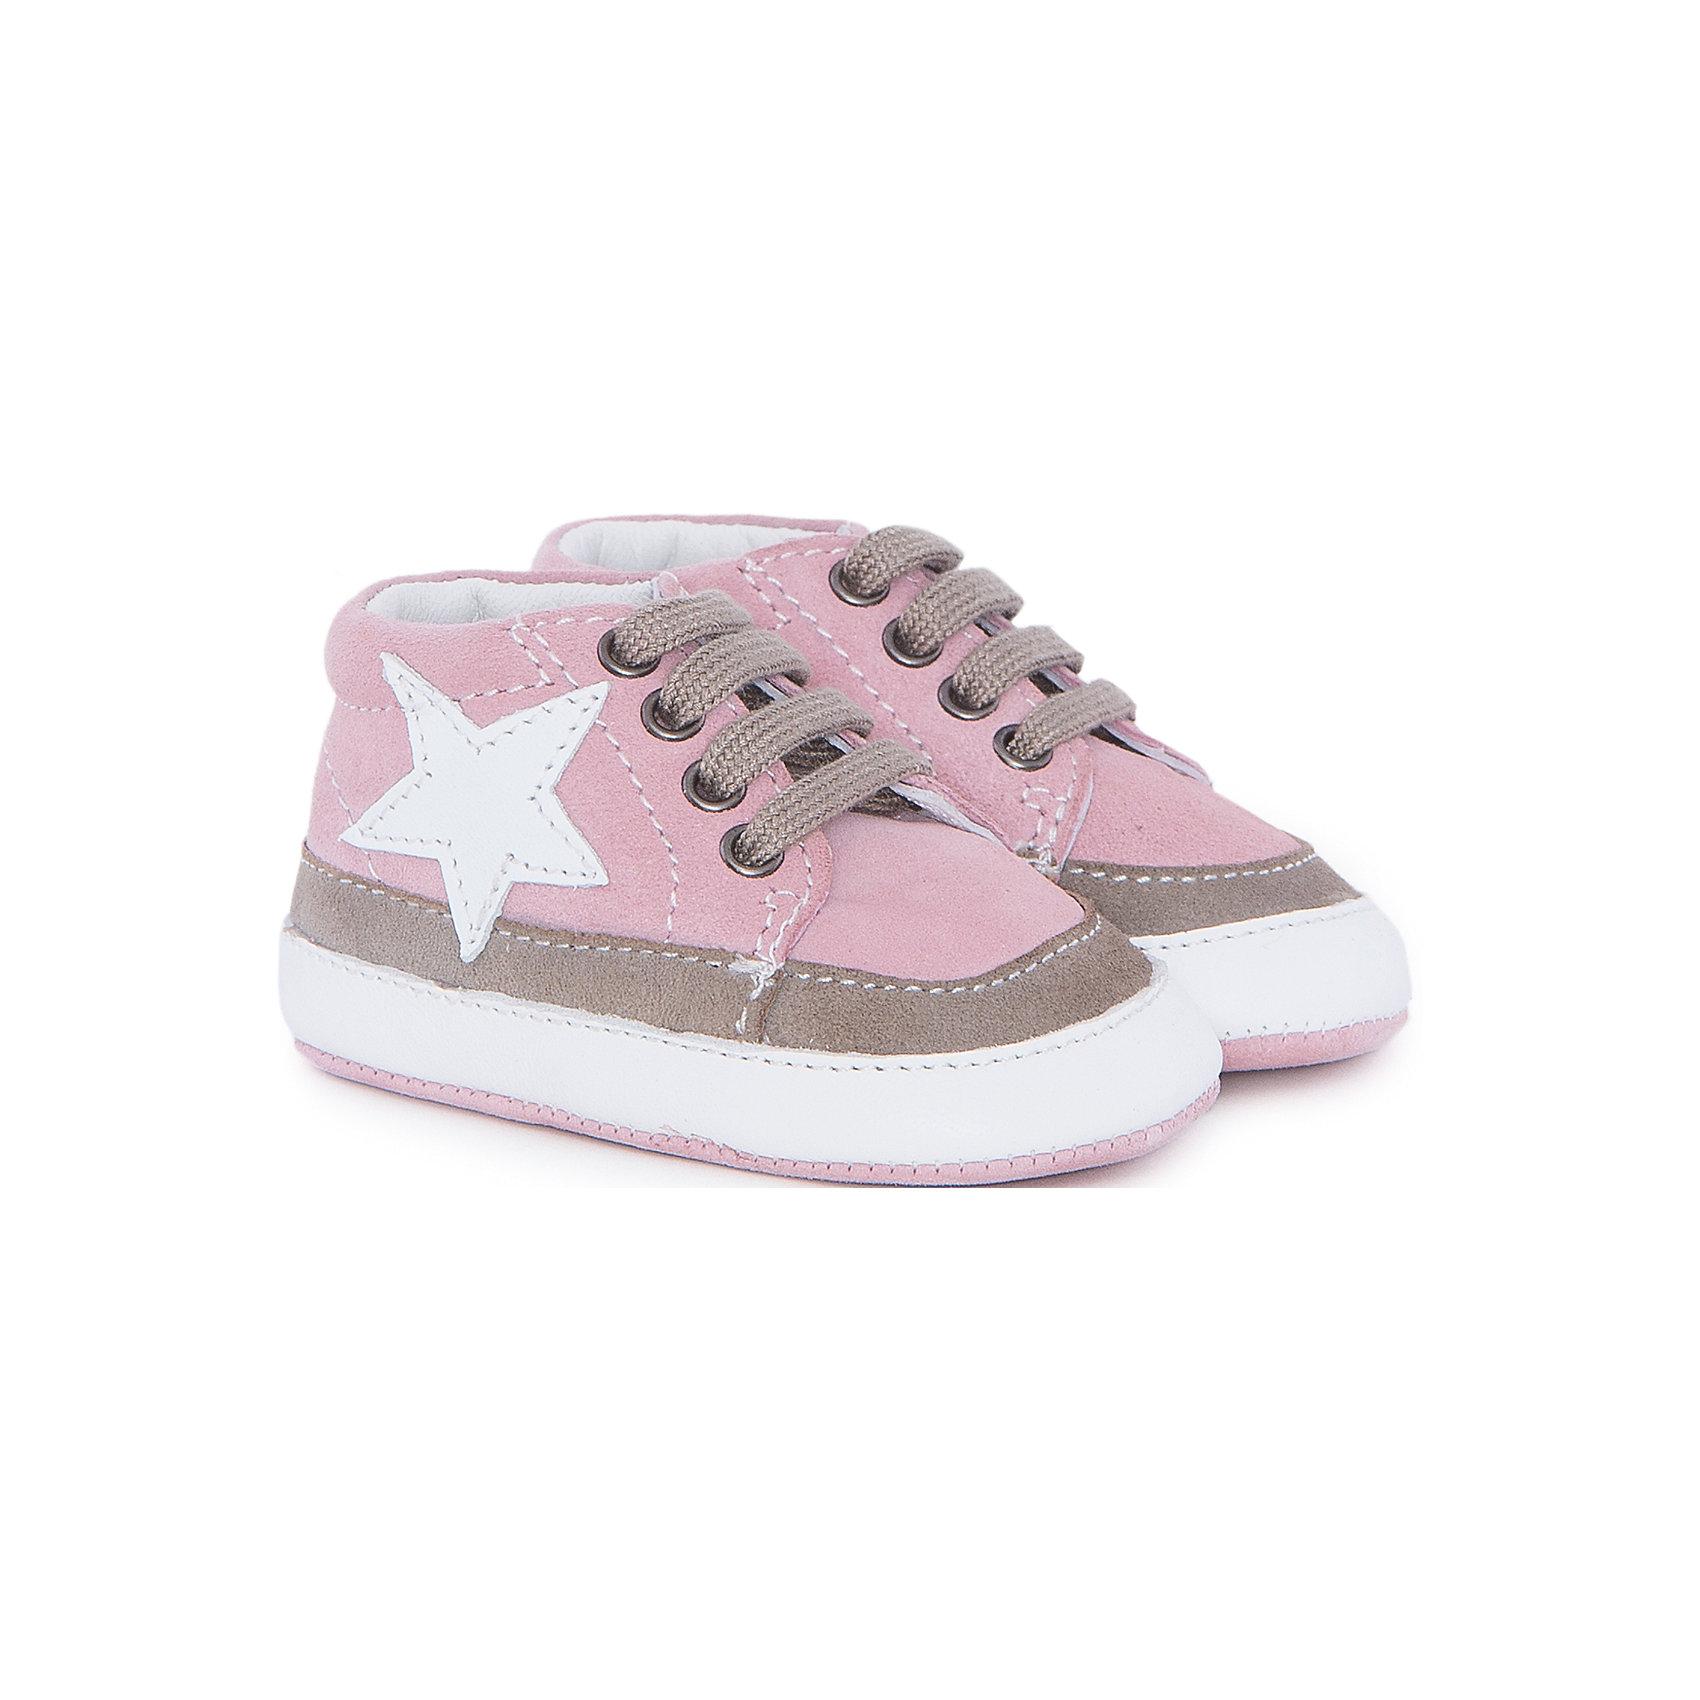 Пинетки  для мальчика  CHICCOПинетки<br>Полуботинки для девочки CHICCO<br><br>Характеристики:<br><br>Тип застежки: шнурки<br>Тип обуви: спортивные<br>Особенности обуви: кожаные<br>Декоративные элементы: звезда<br>Цвет: розовый<br><br>Материал: 100% кожа<br><br>Полуботинки для девочки CHICCO можно купить в нашем интернет-магазине.<br><br>Ширина мм: 262<br>Глубина мм: 176<br>Высота мм: 97<br>Вес г: 427<br>Цвет: розовый<br>Возраст от месяцев: 6<br>Возраст до месяцев: 9<br>Пол: Женский<br>Возраст: Детский<br>Размер: 19,18<br>SKU: 5082840